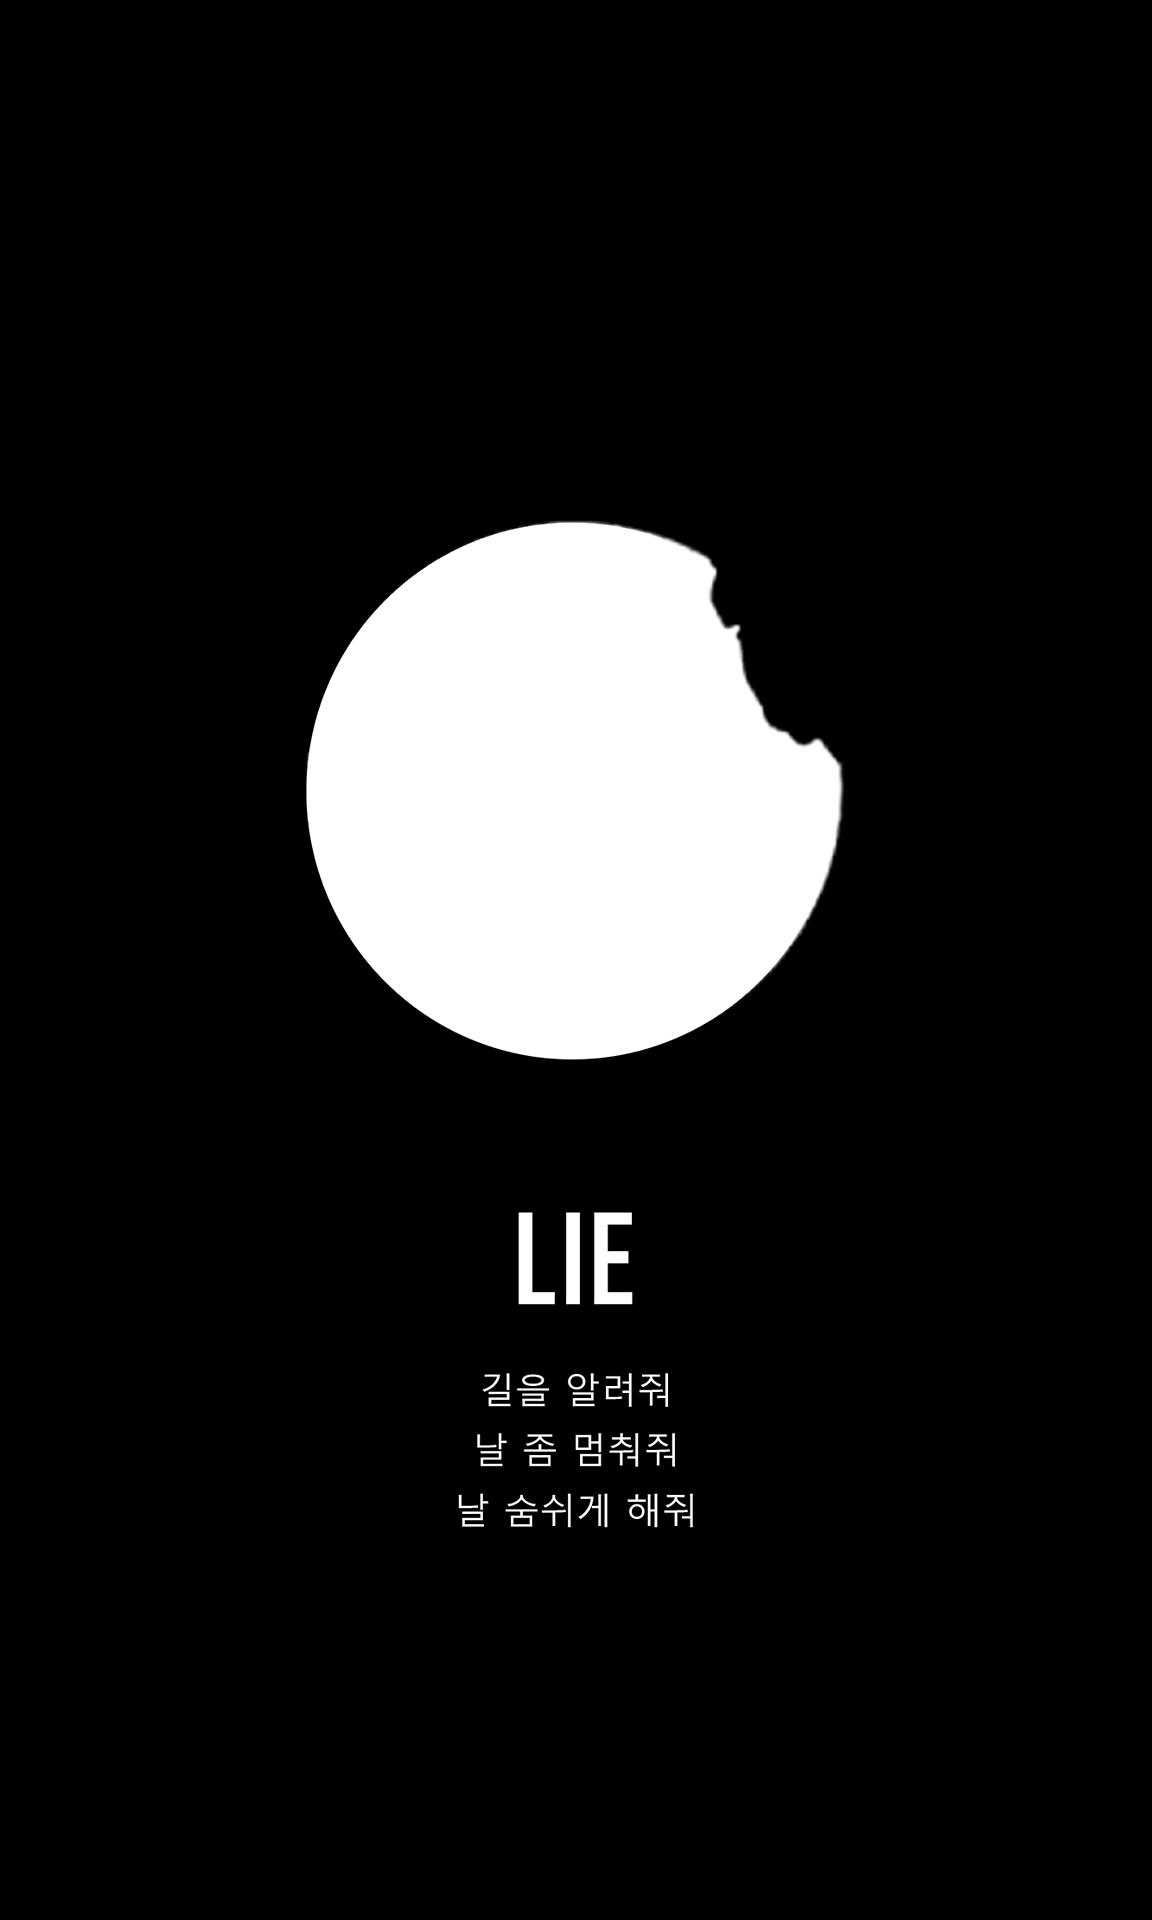 bts wings short film logo lie wallpaper korean ver bts pinterest